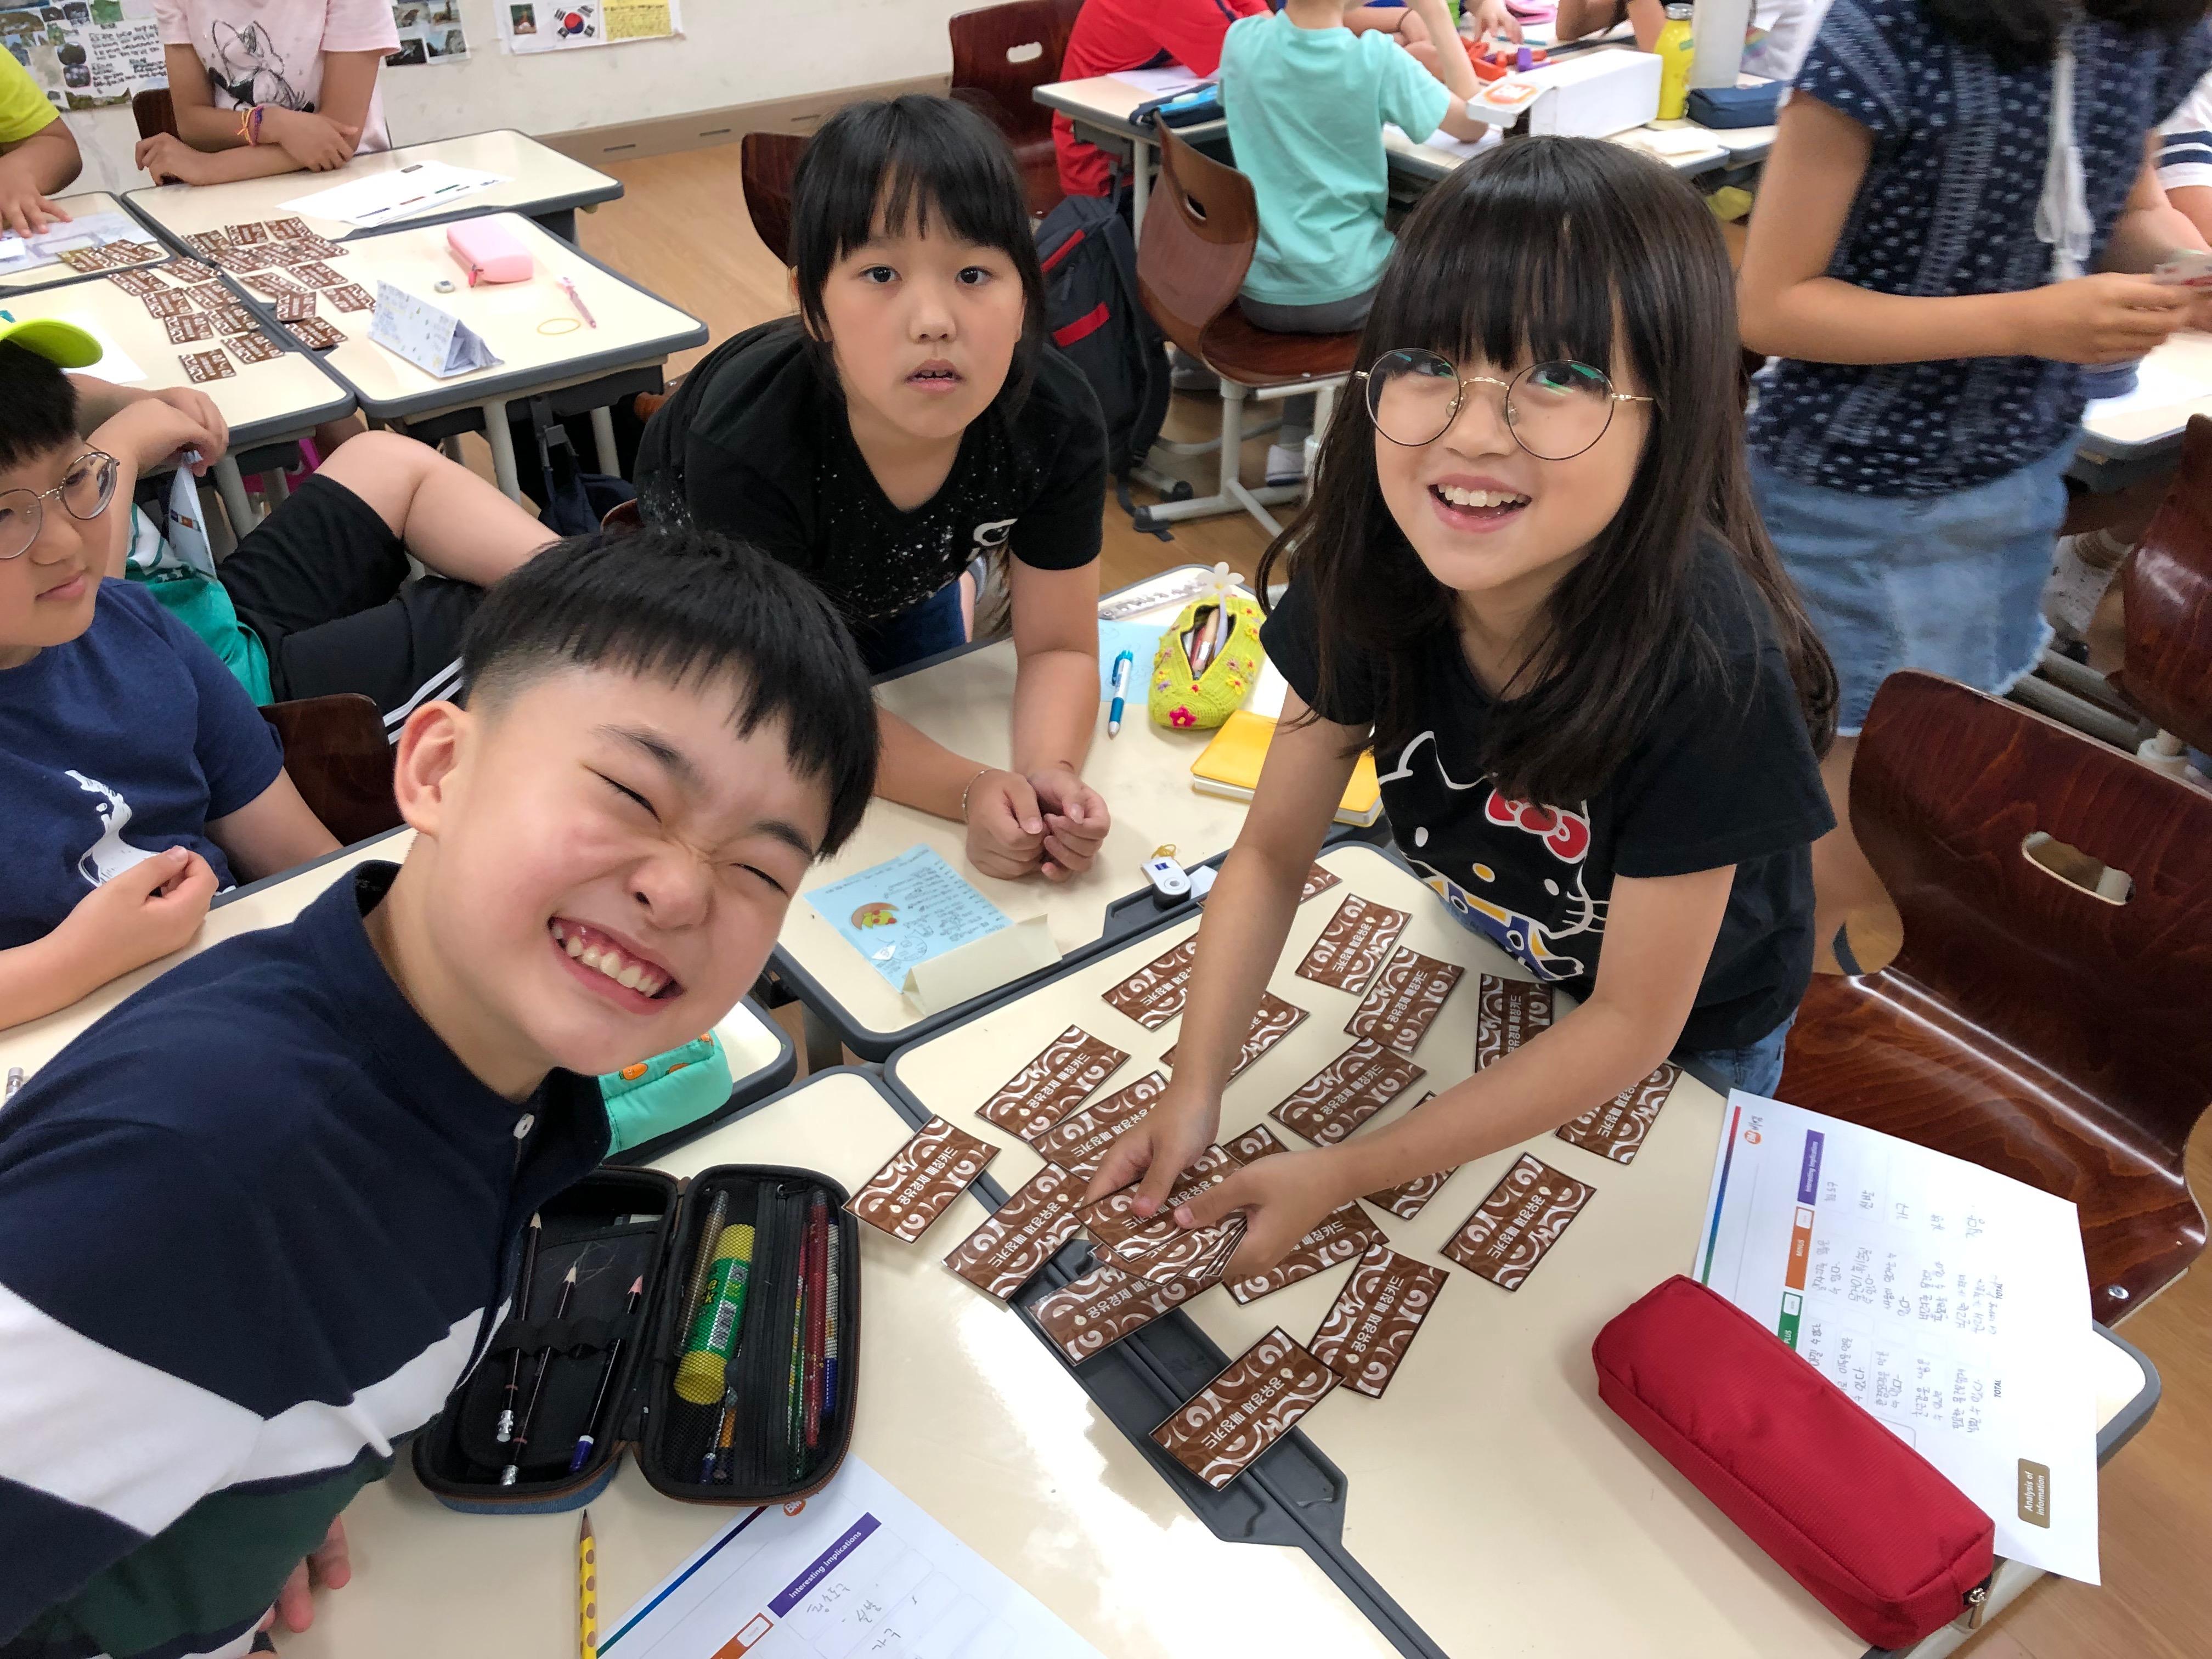 2019 은평구 '연은초등학교' 친구들의 공유경제 이야기